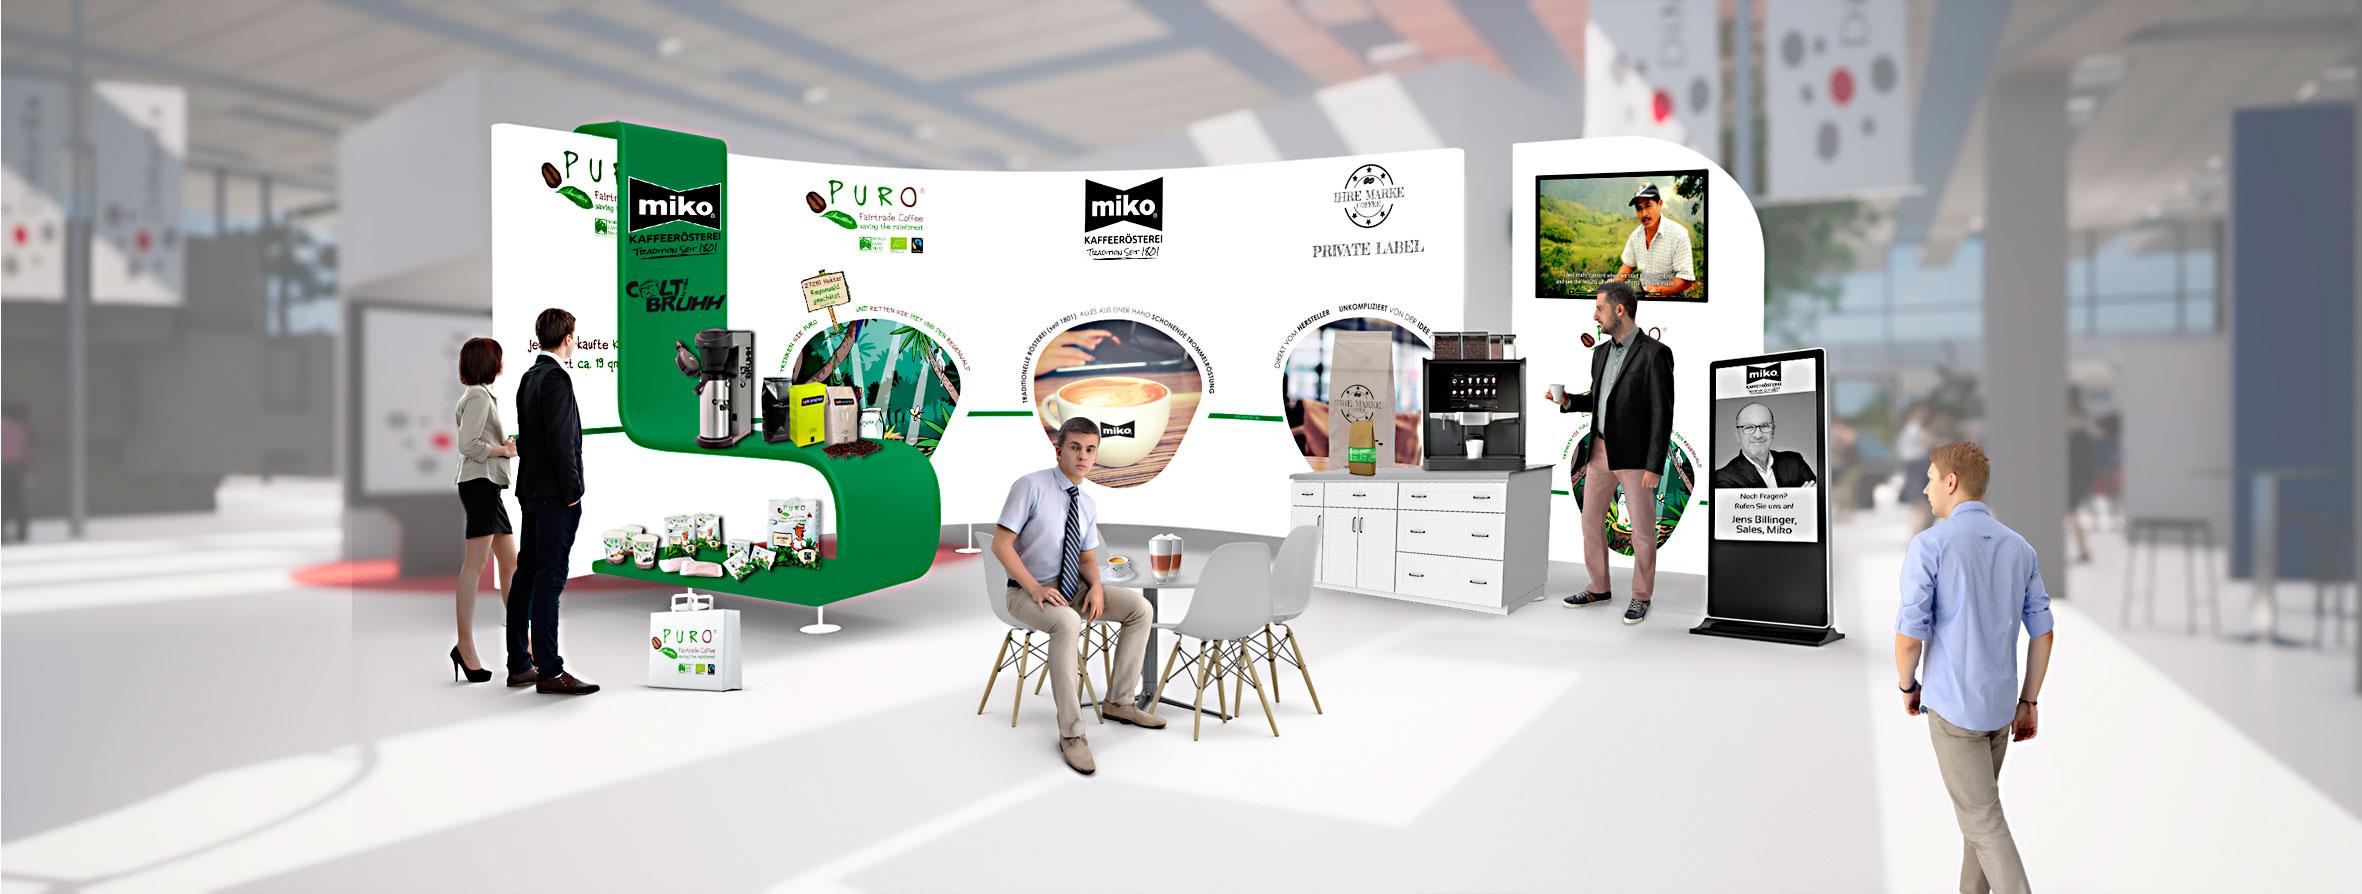 Miko Vendtra Vending Trade Festival Deutschland